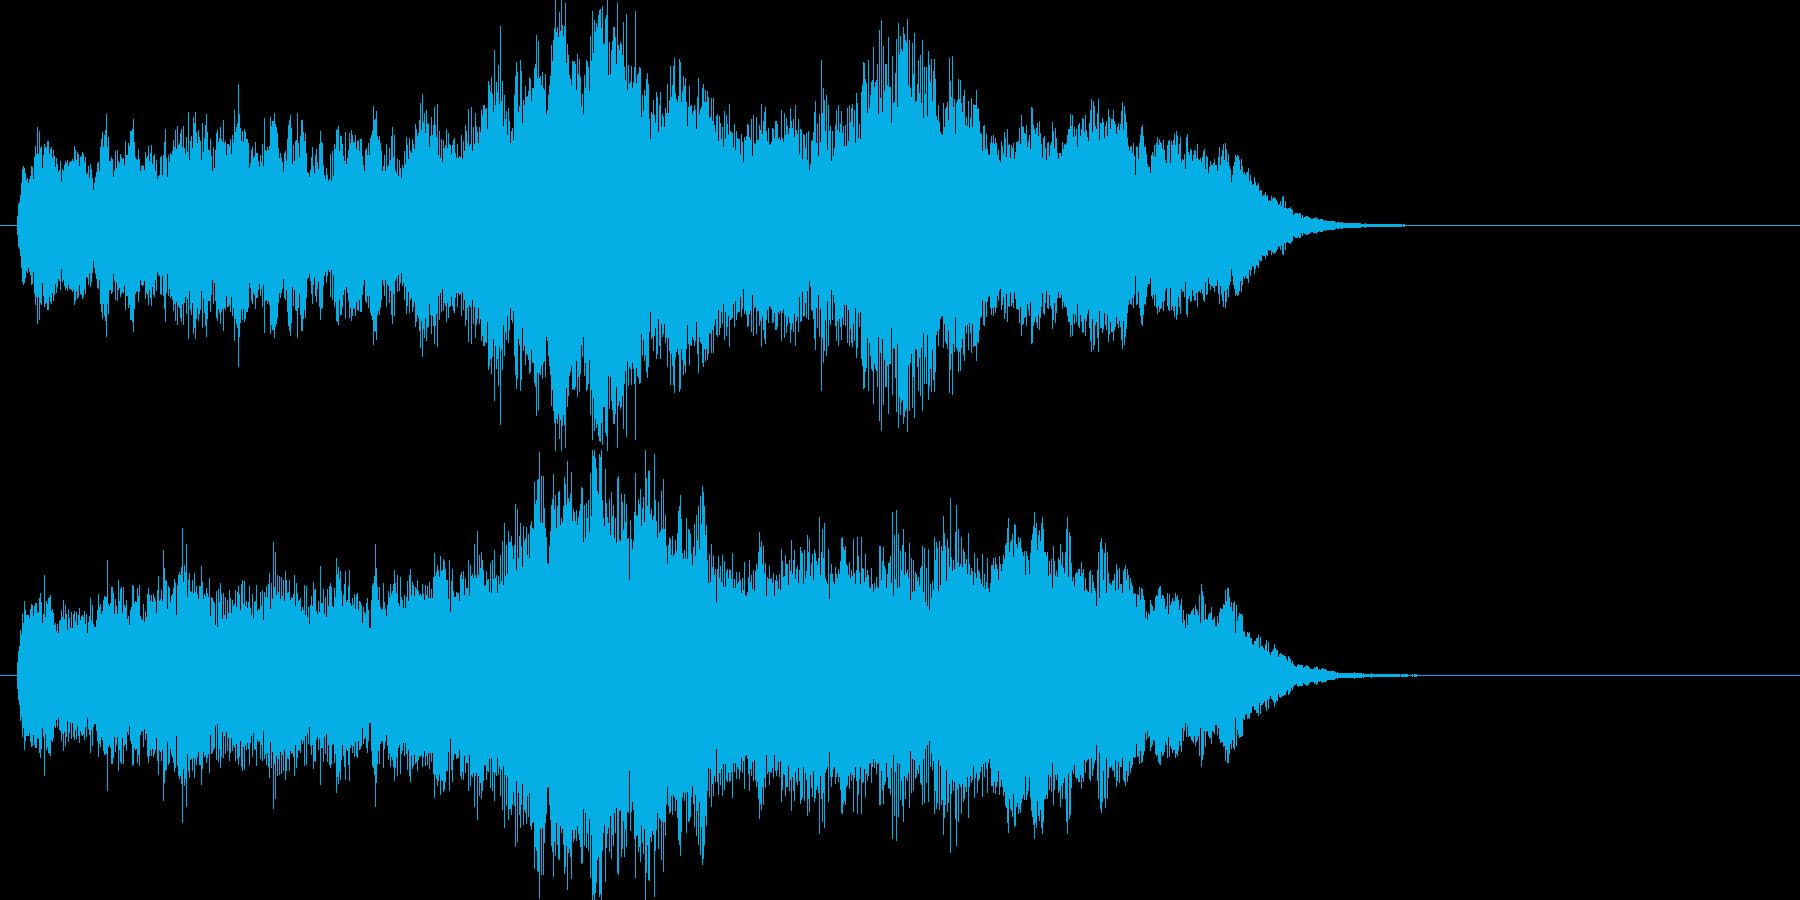 やや哀愁感のあるオーケストラジングルの再生済みの波形